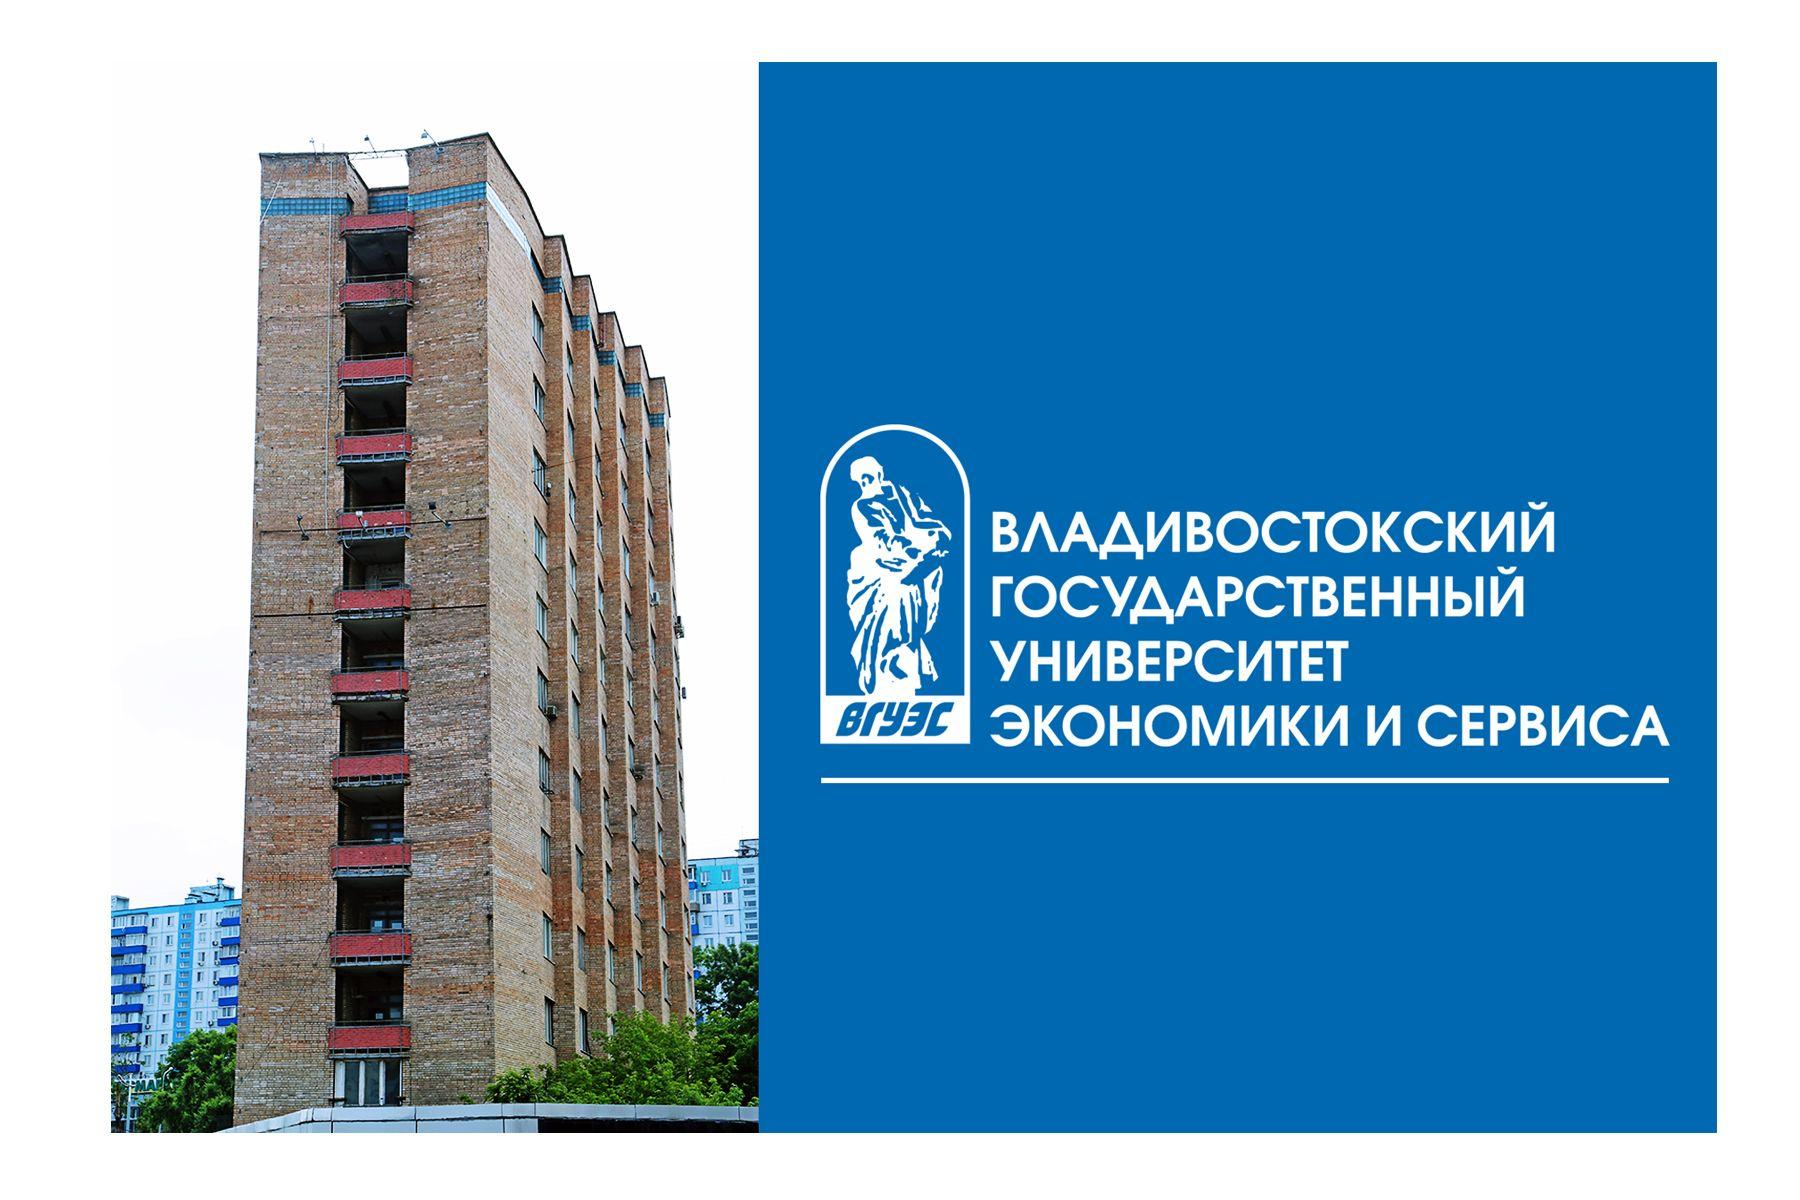 Новый корпус ВГУЭС: современное образовательное пространство, территория комфорта